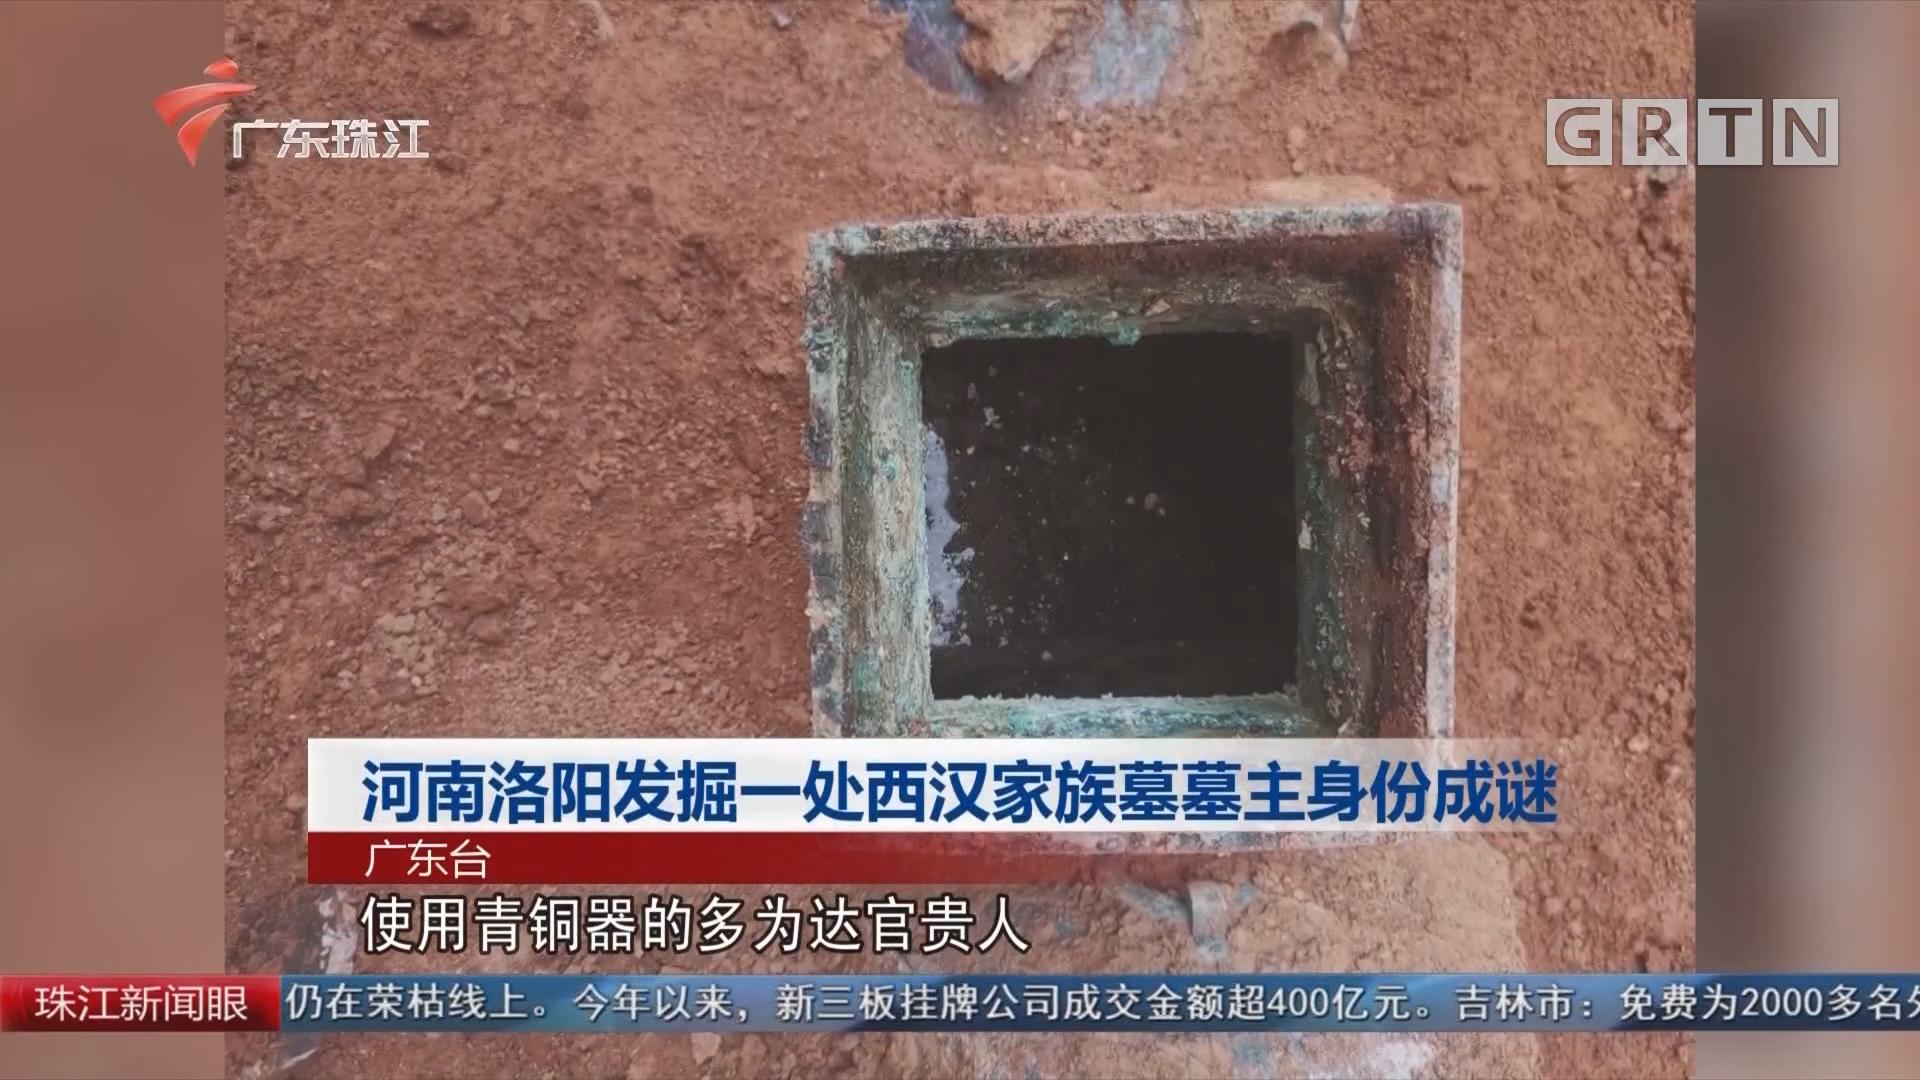 河南洛陽發掘一處西漢家族墓墓主身份成謎